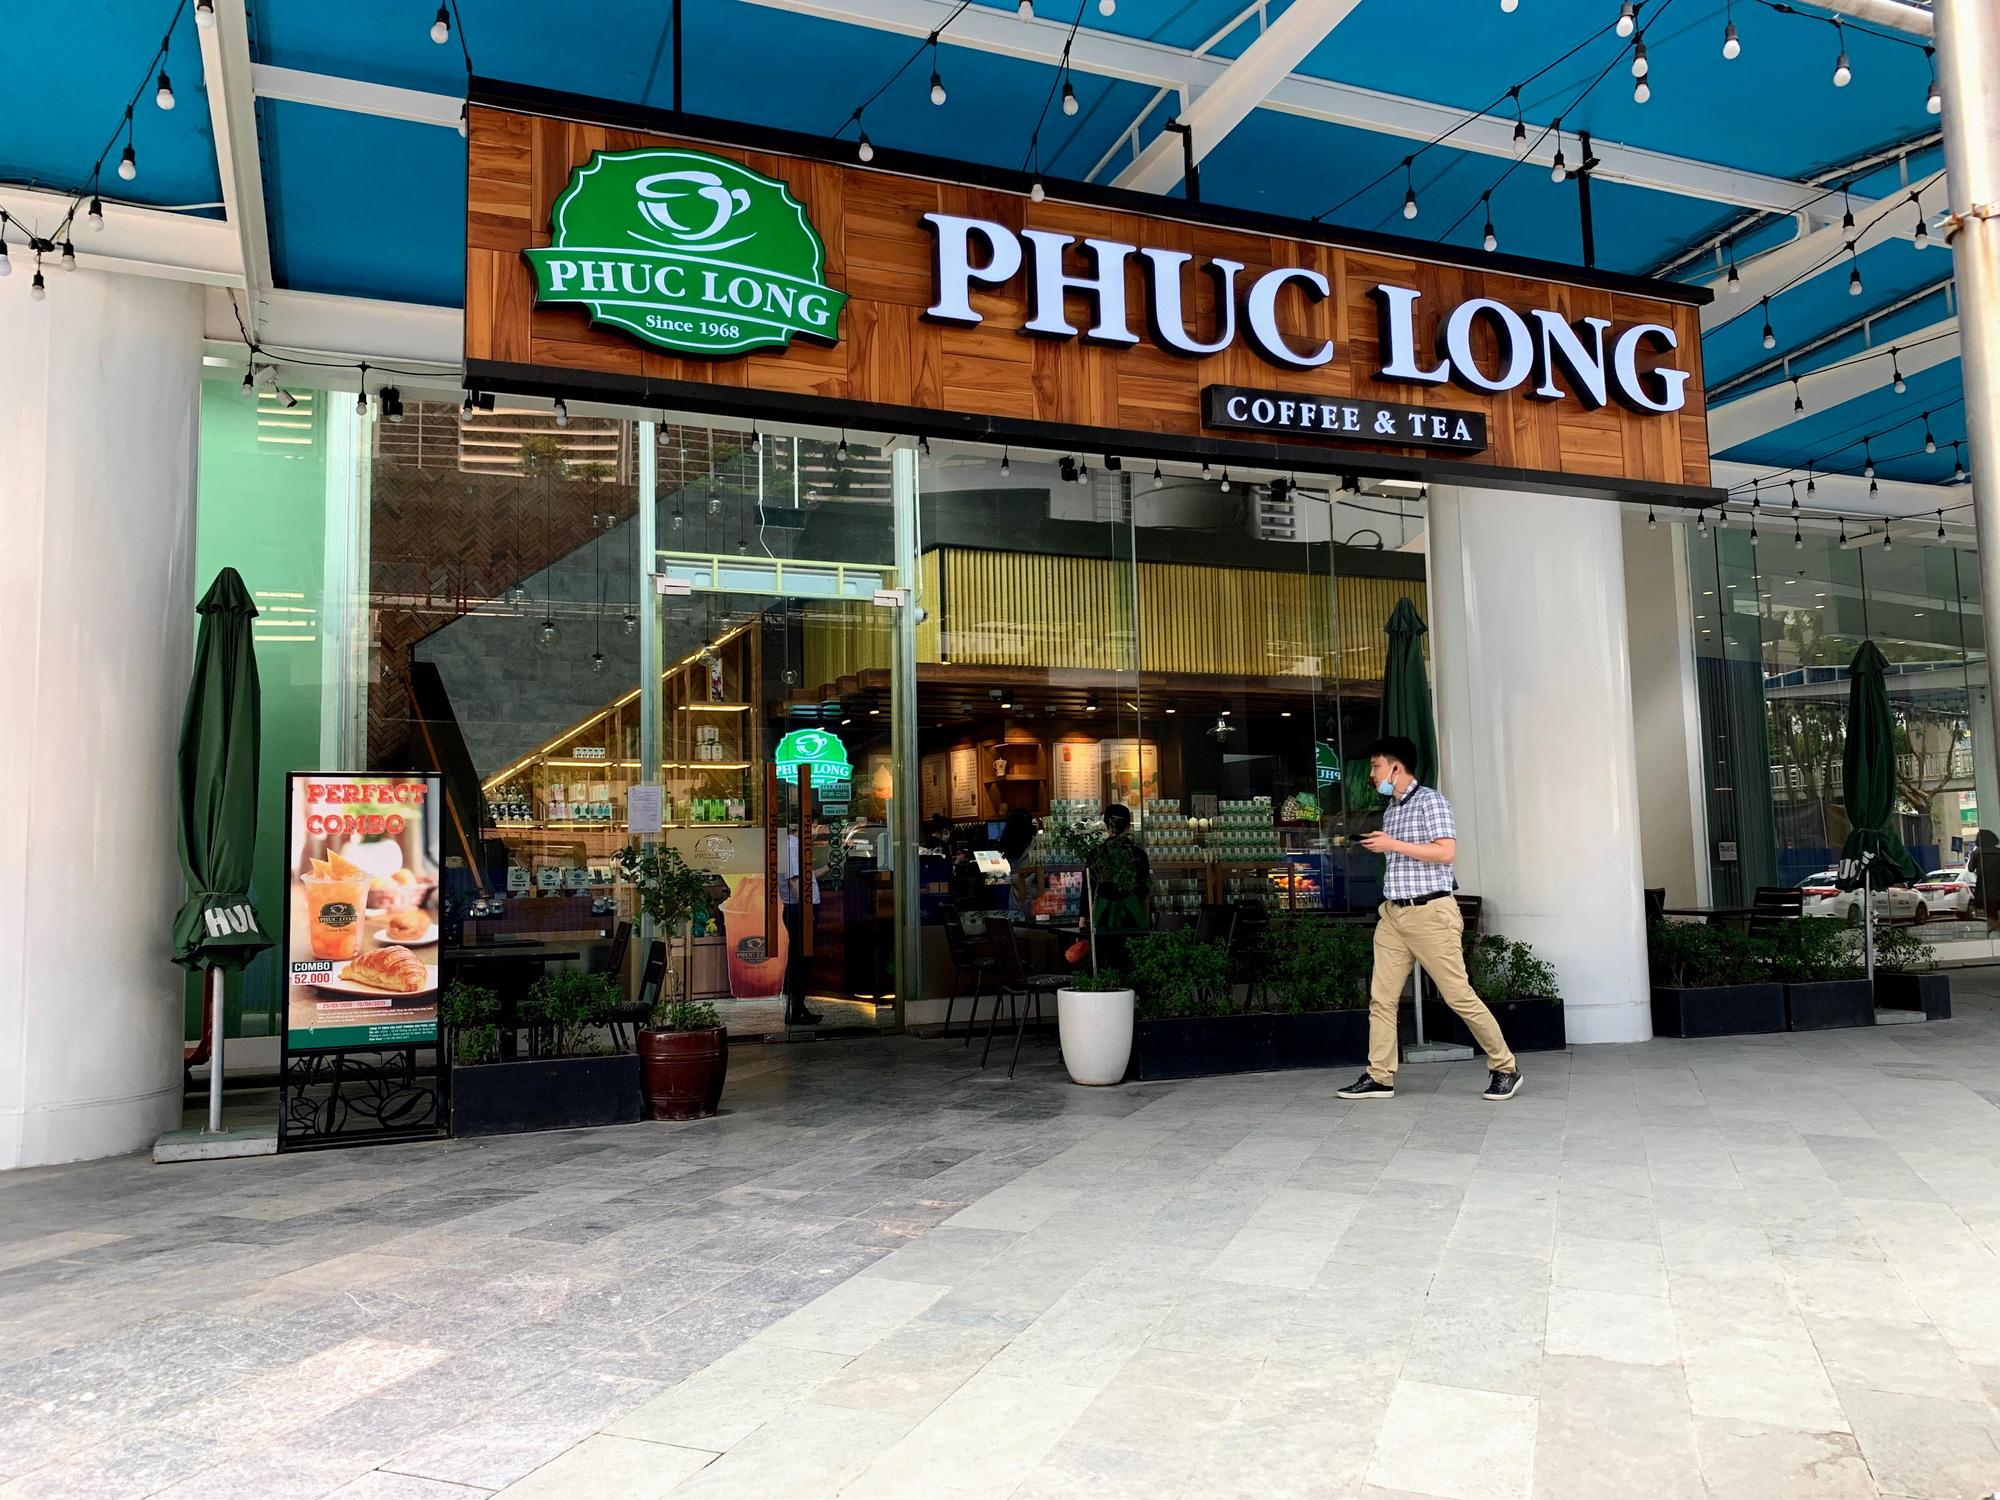 Bất chấp lệnh cấm, Phúc Long, Highland, Starbucks vẫn mở cửa đón khách - Ảnh 1.